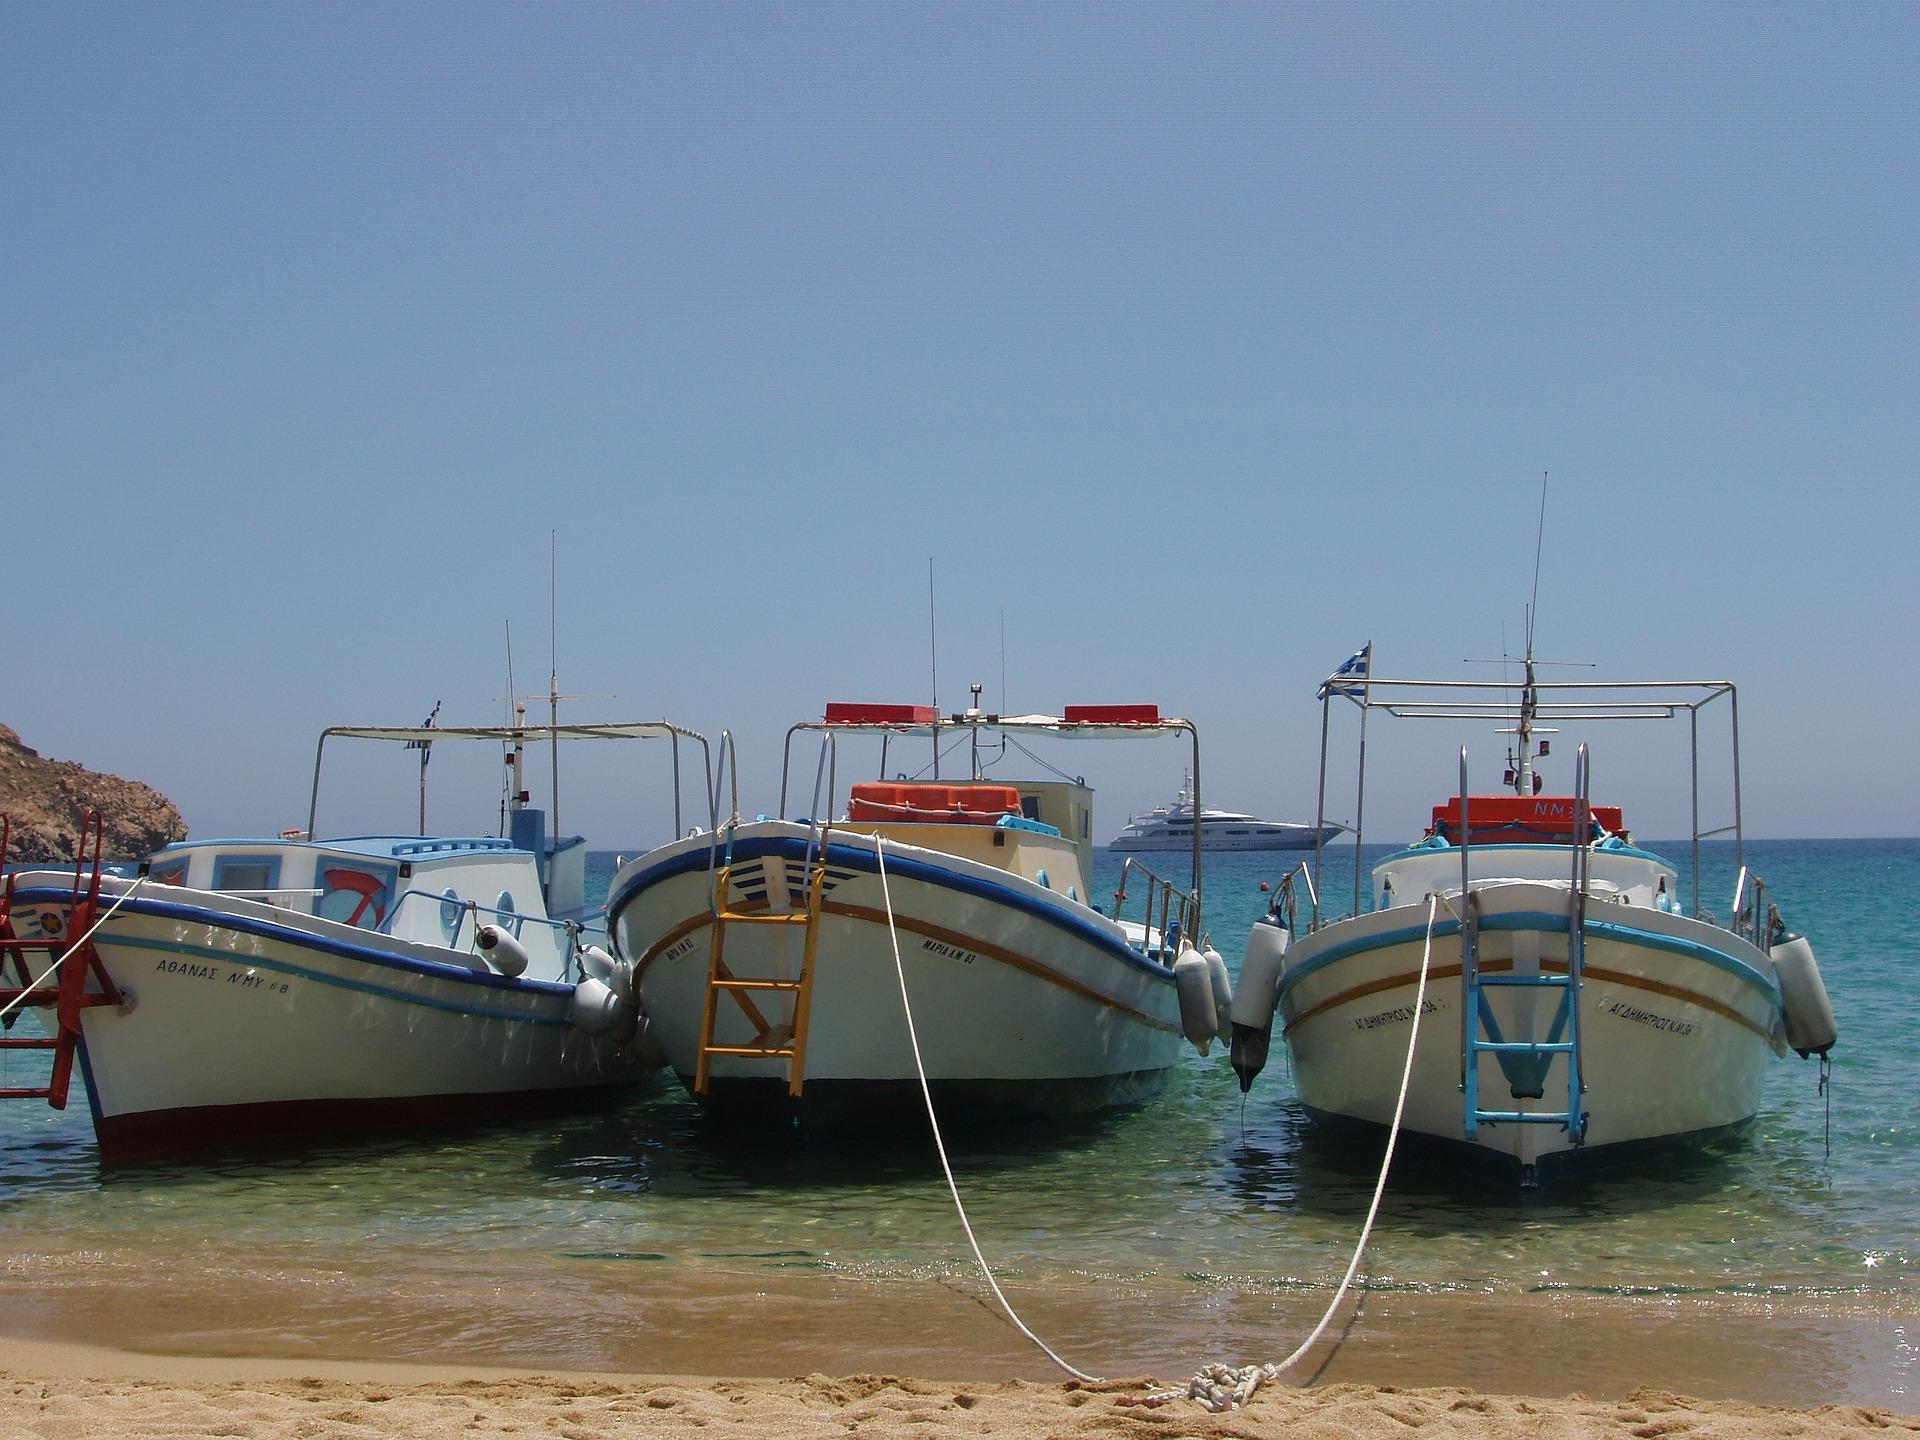 Boats docked on the beach in Mykonos